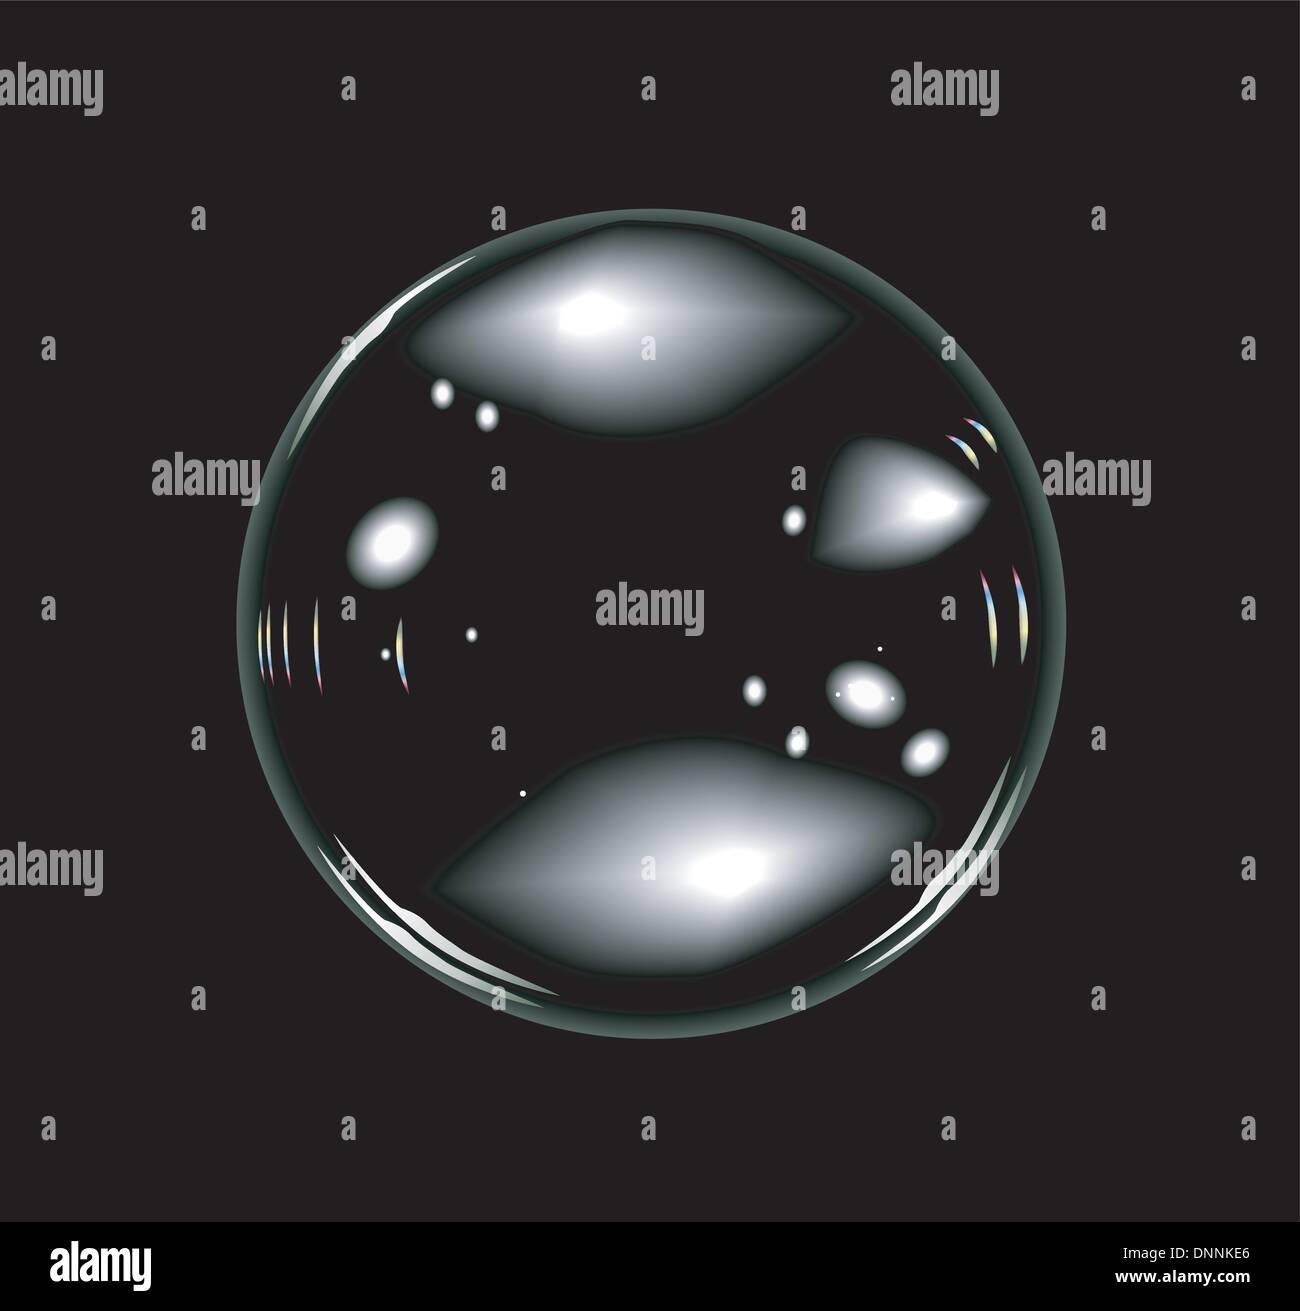 Vecteur de bulles de savon sur fond noir. Pas de transparence et d'effets. Photo Stock